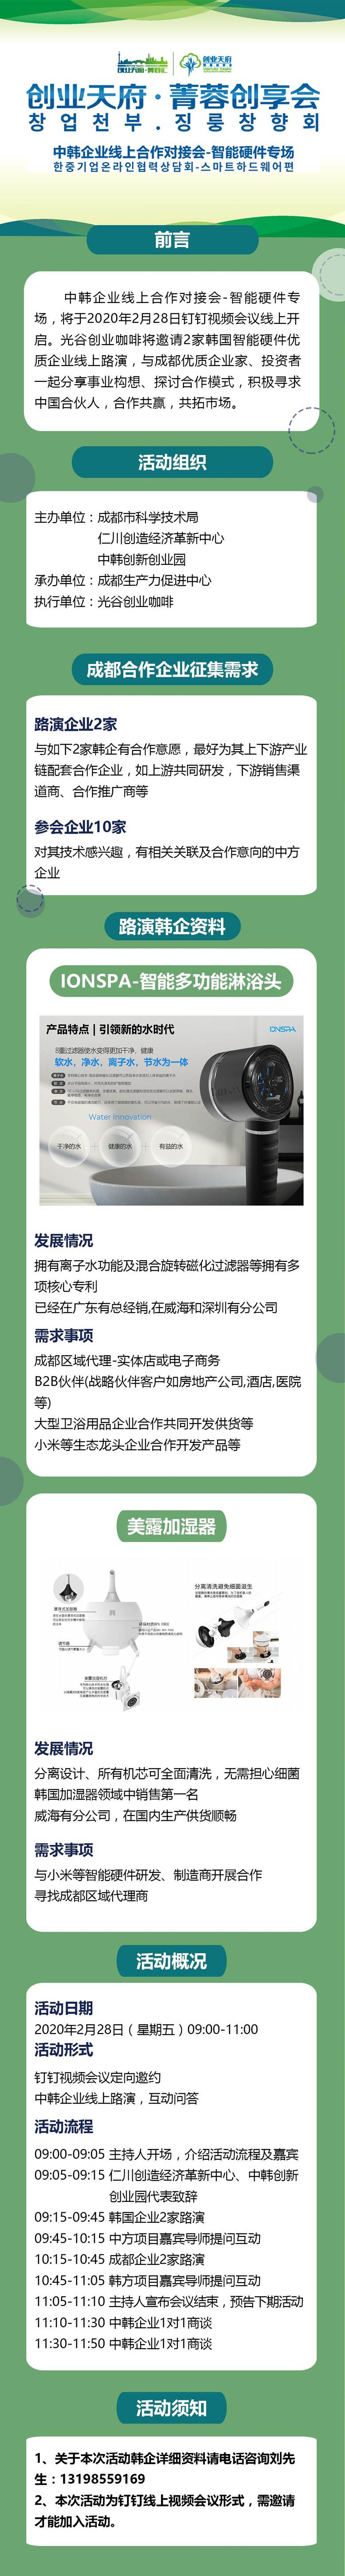 长图宣传海报(无二维码).jpeg